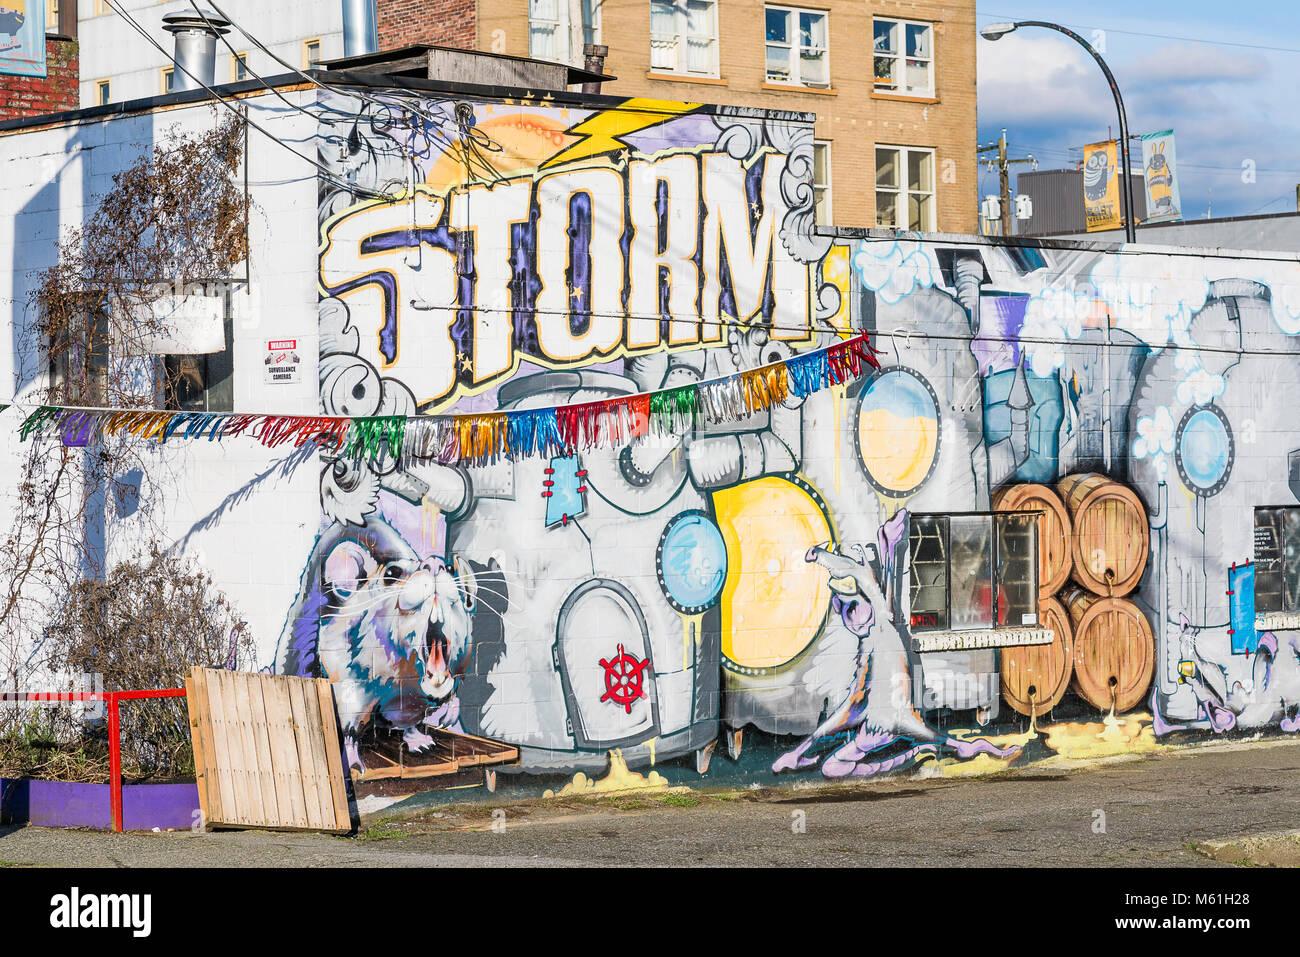 Storm Brewing Company, Unità commerciale, Vancouver, British Columbia, Canada Immagini Stock